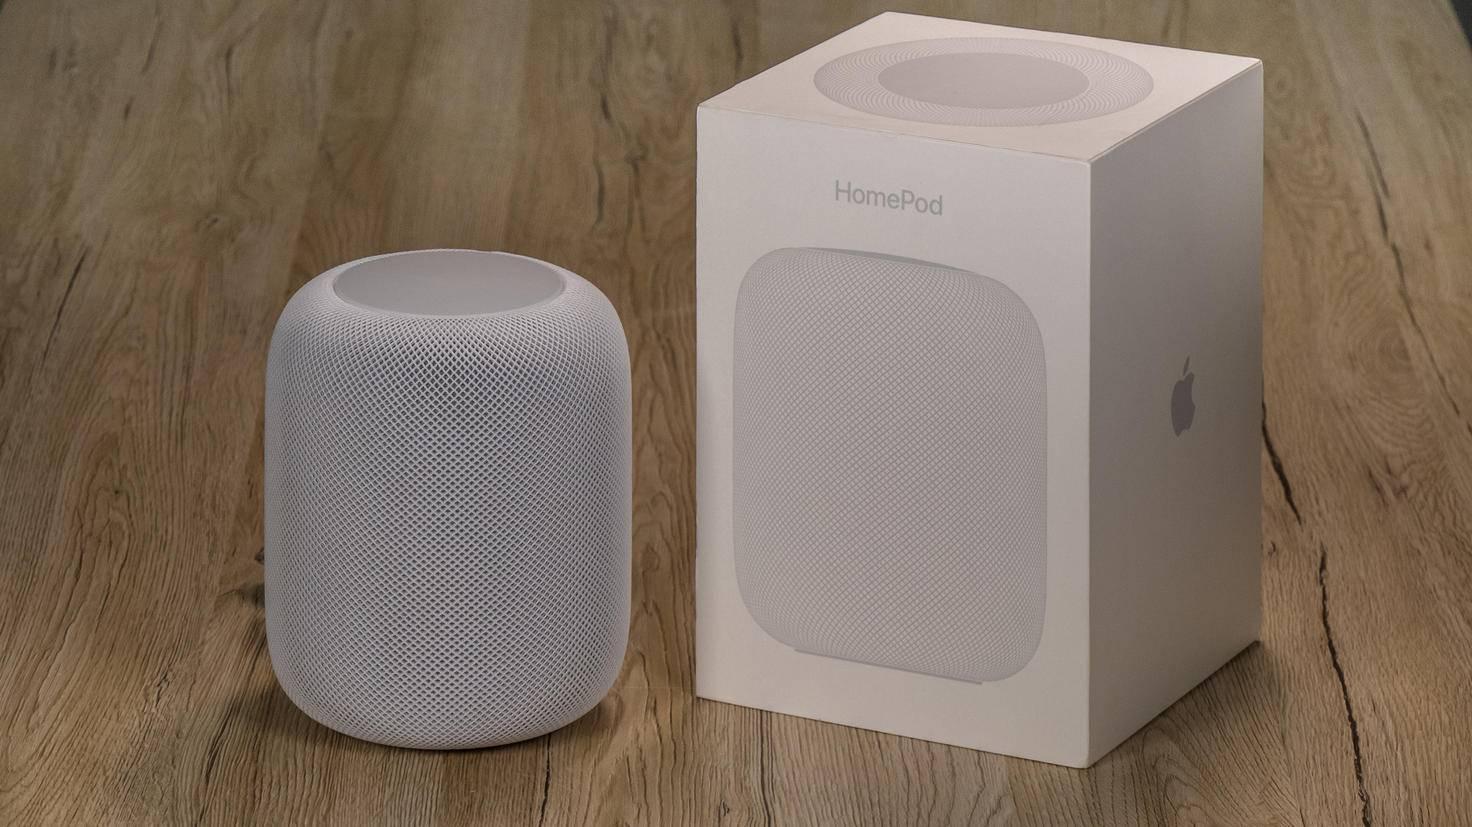 Typisch Apple: einfaches Design bei Gerät und Verpackung.